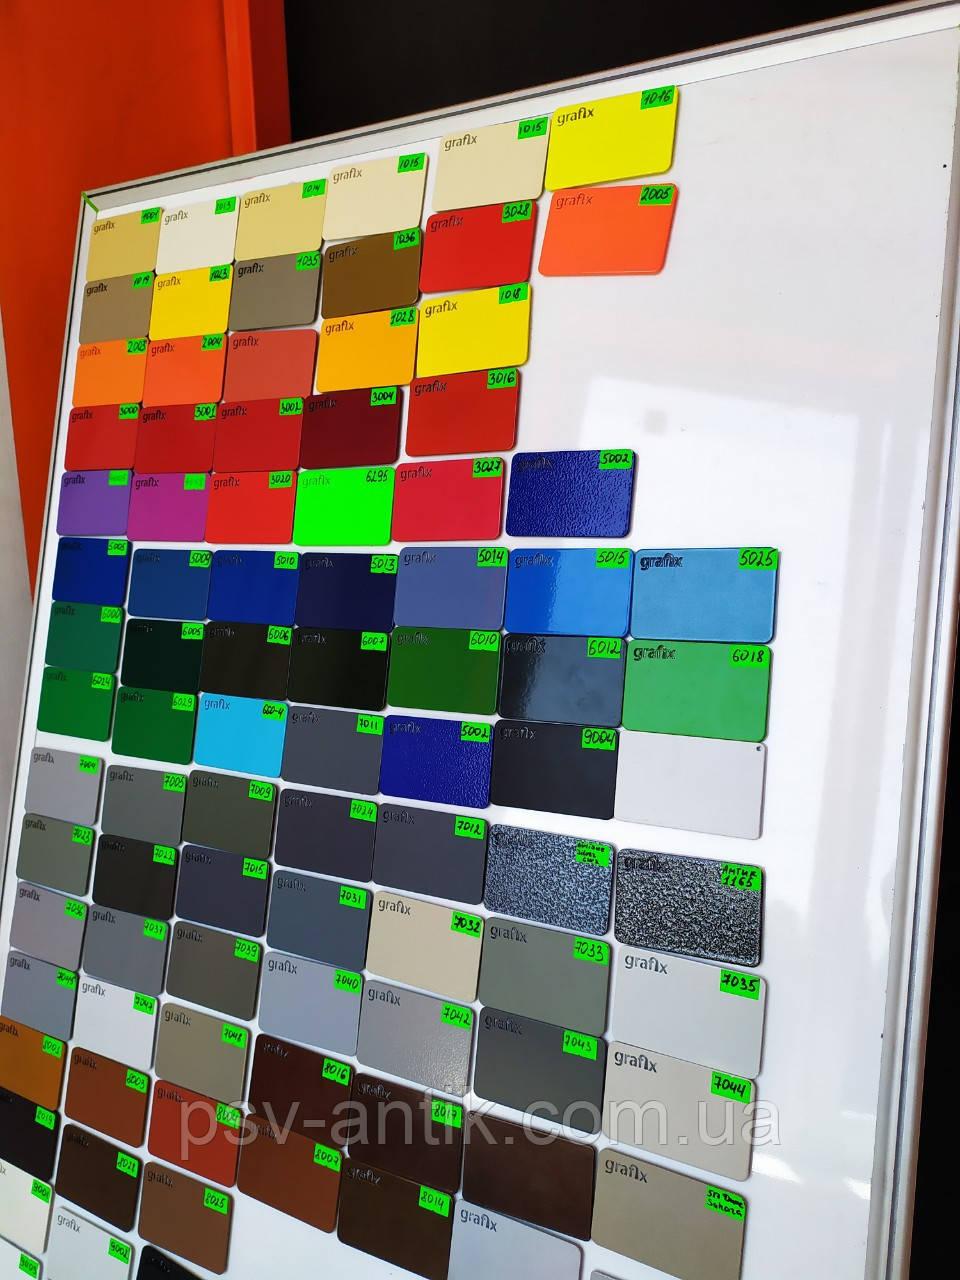 Порошковая краска глянцевая, полиэфирная, индустриальная, 7033